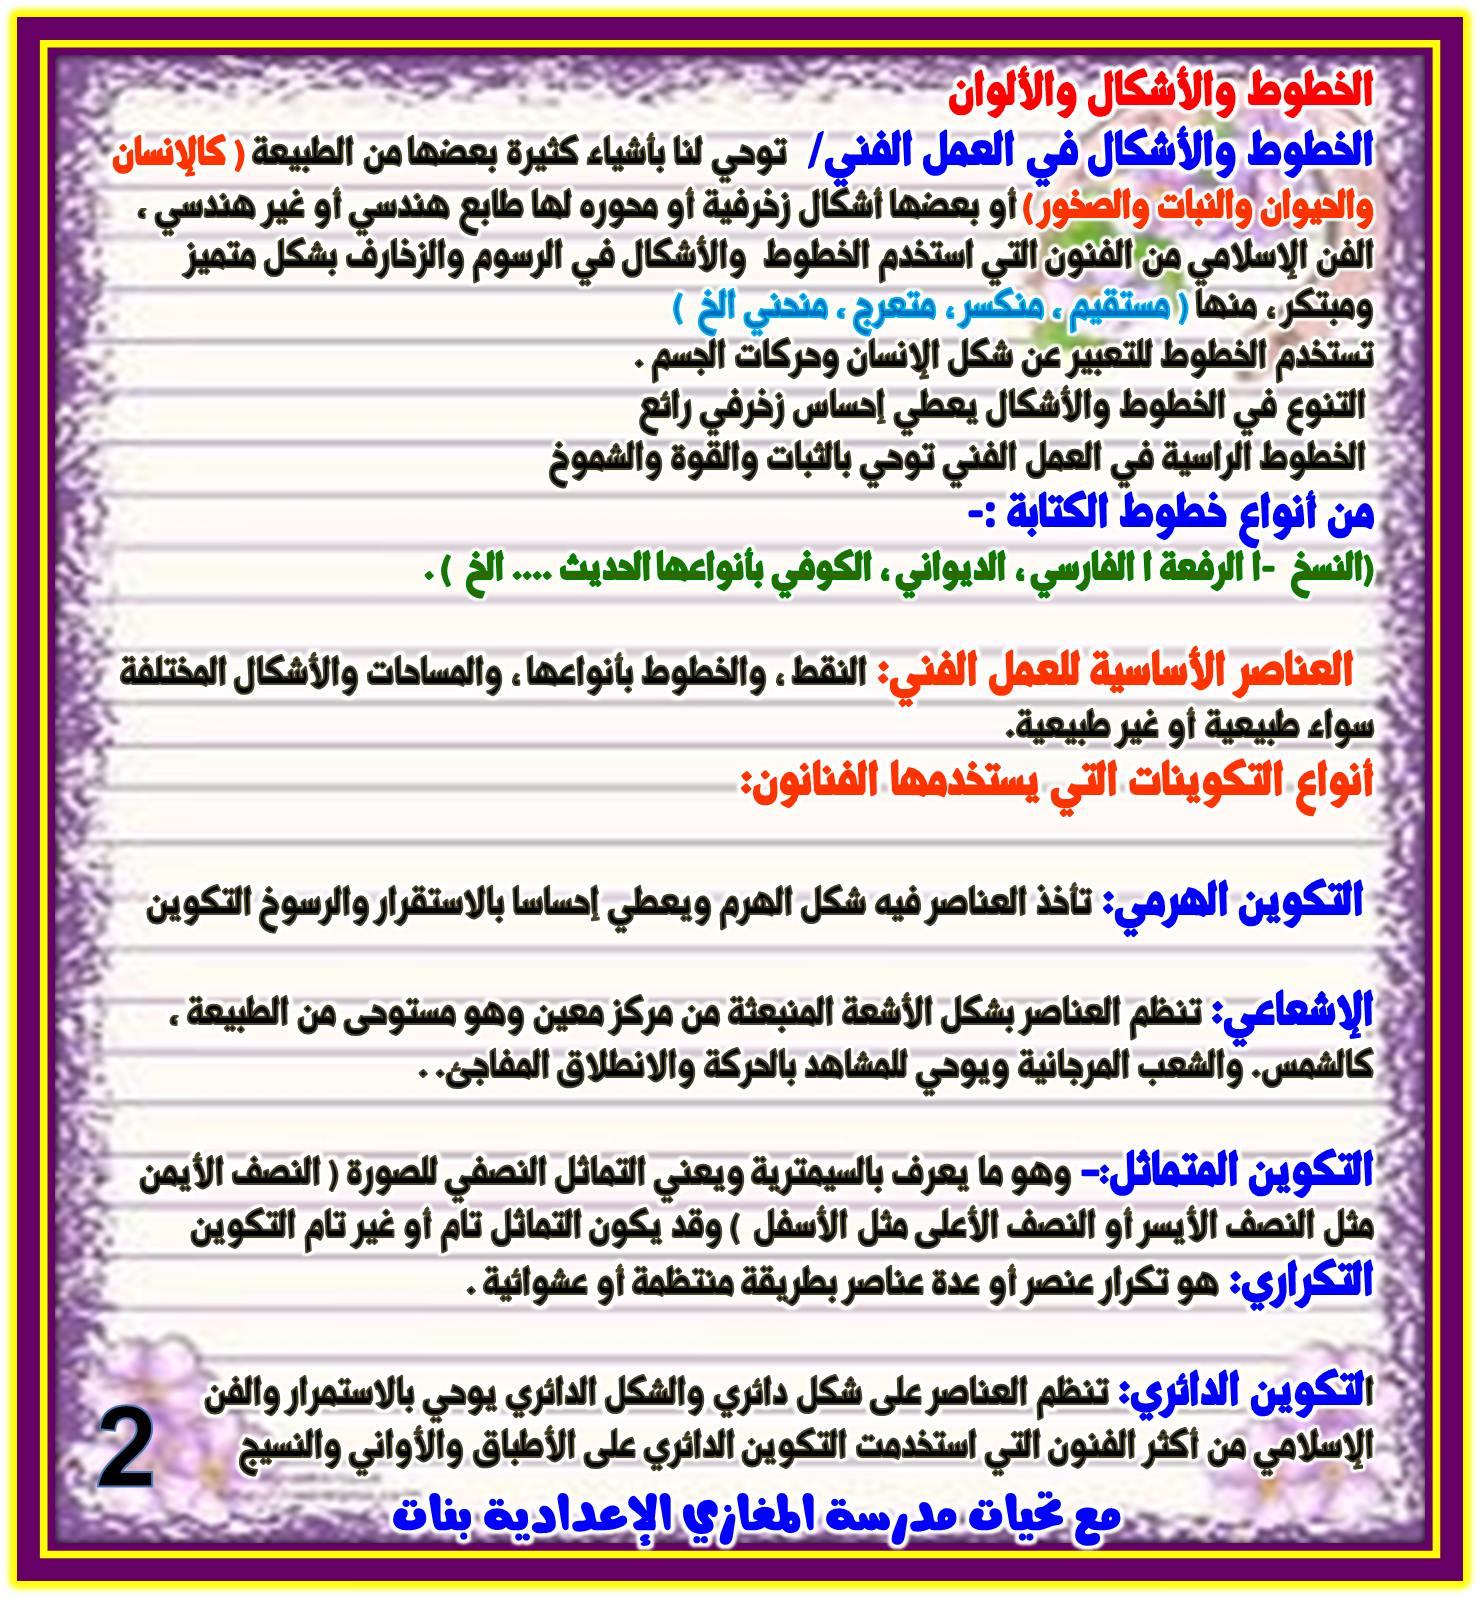 مراجعة التربية الفنية للصف الثاني الاعدادي الترمين 2